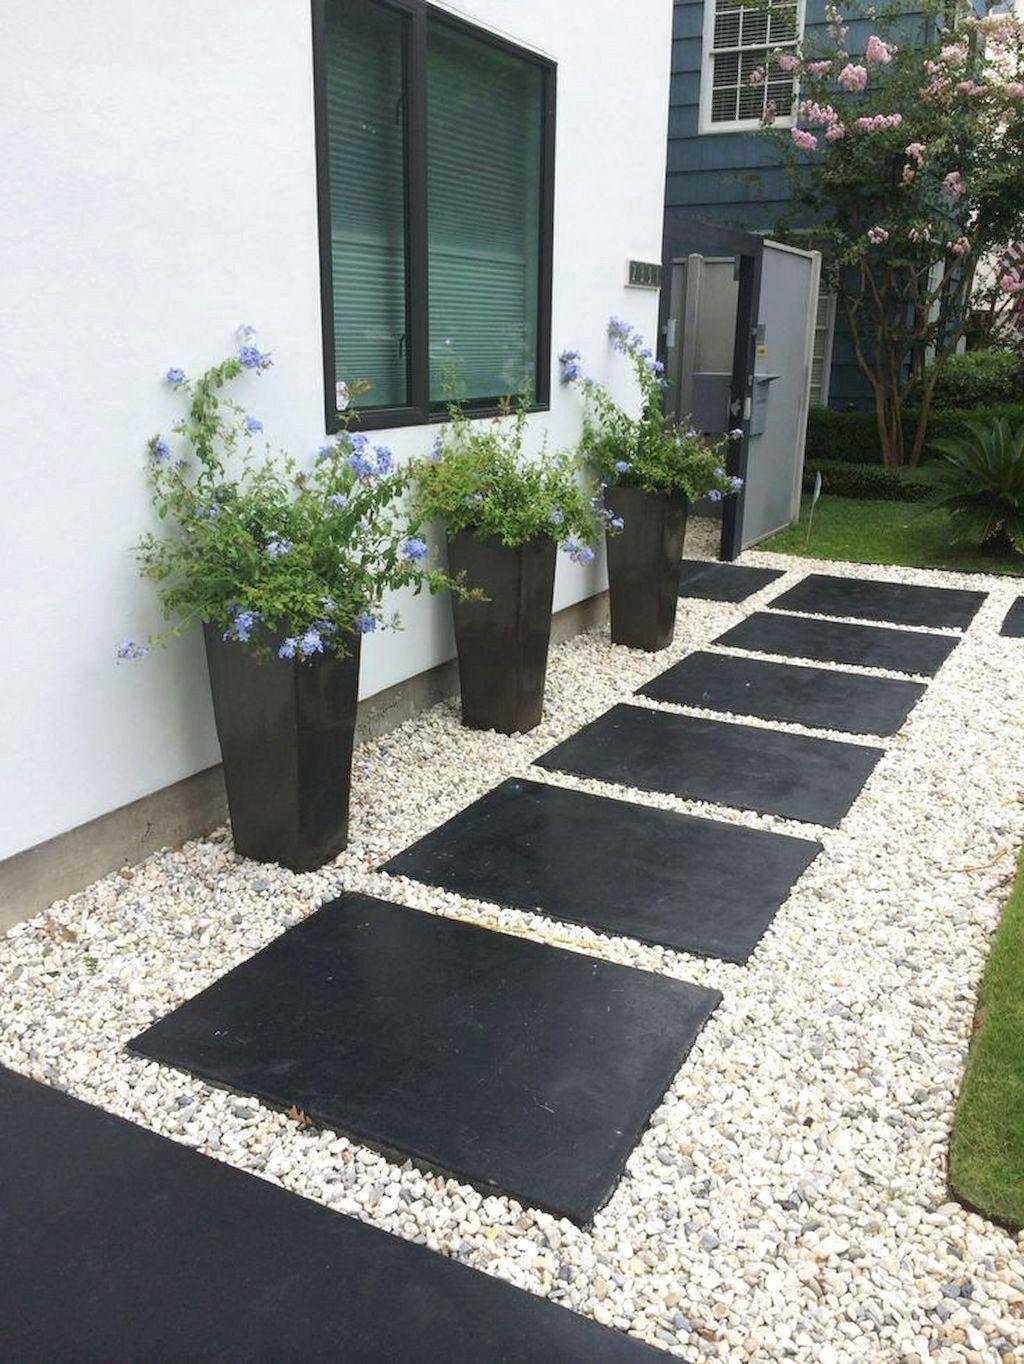 Small Garden Design Ideas Low Maintenance -   14 garden design Low Maintenance ideas